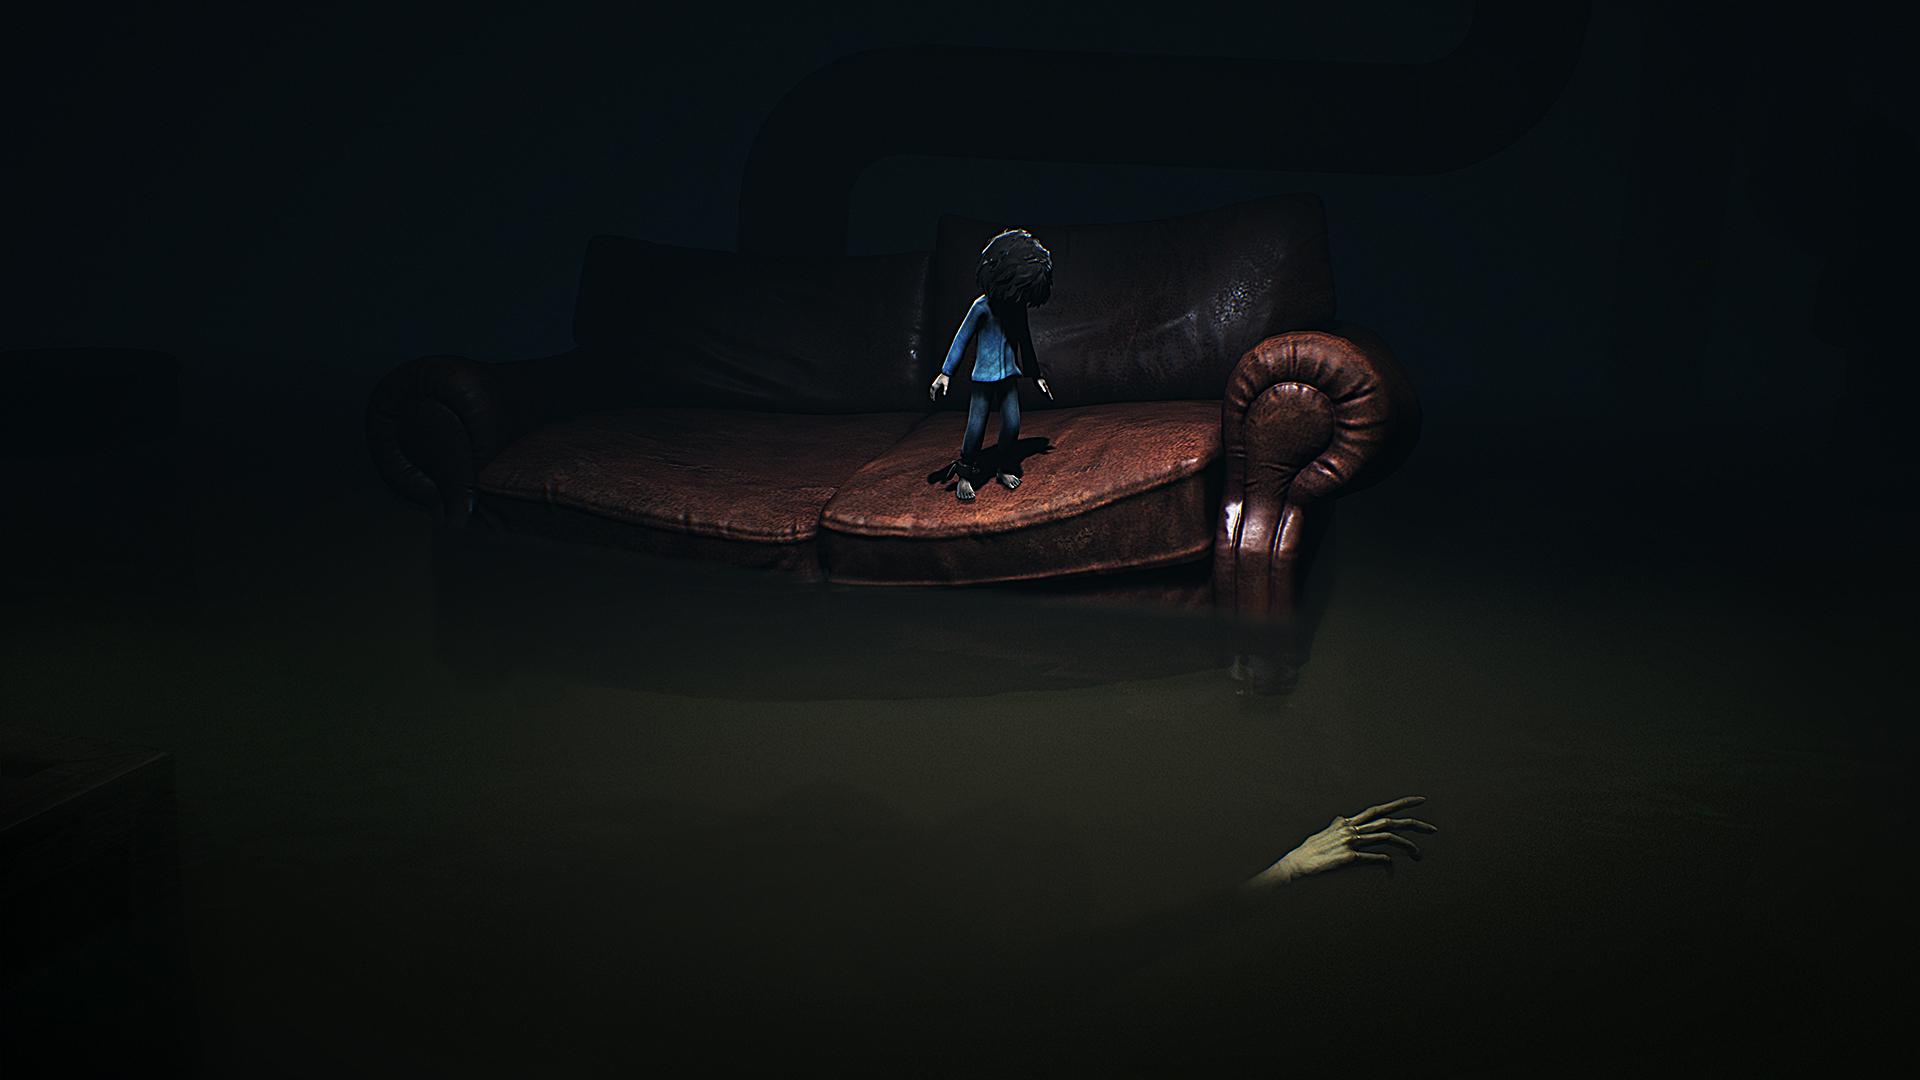 Вышло дополнение Little Nightmares — Hideaway. Геймеры могут скачать демку на PS4 и Xbox One